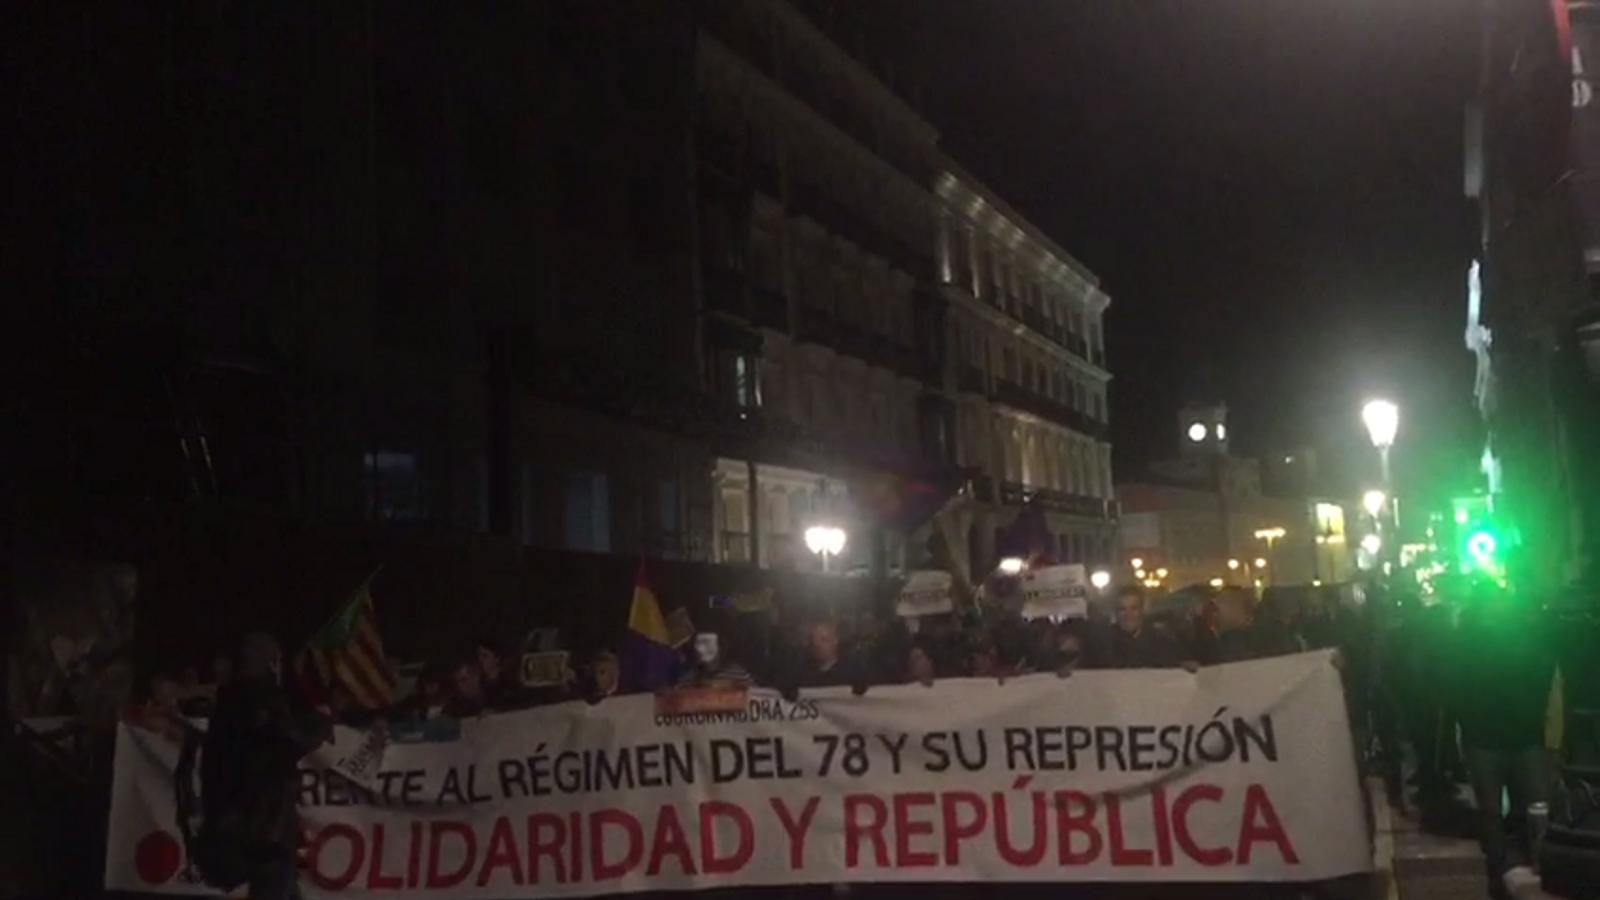 Manifestació en defensa dels presos polítics a Madrid: Els carrers seran sempre nostres